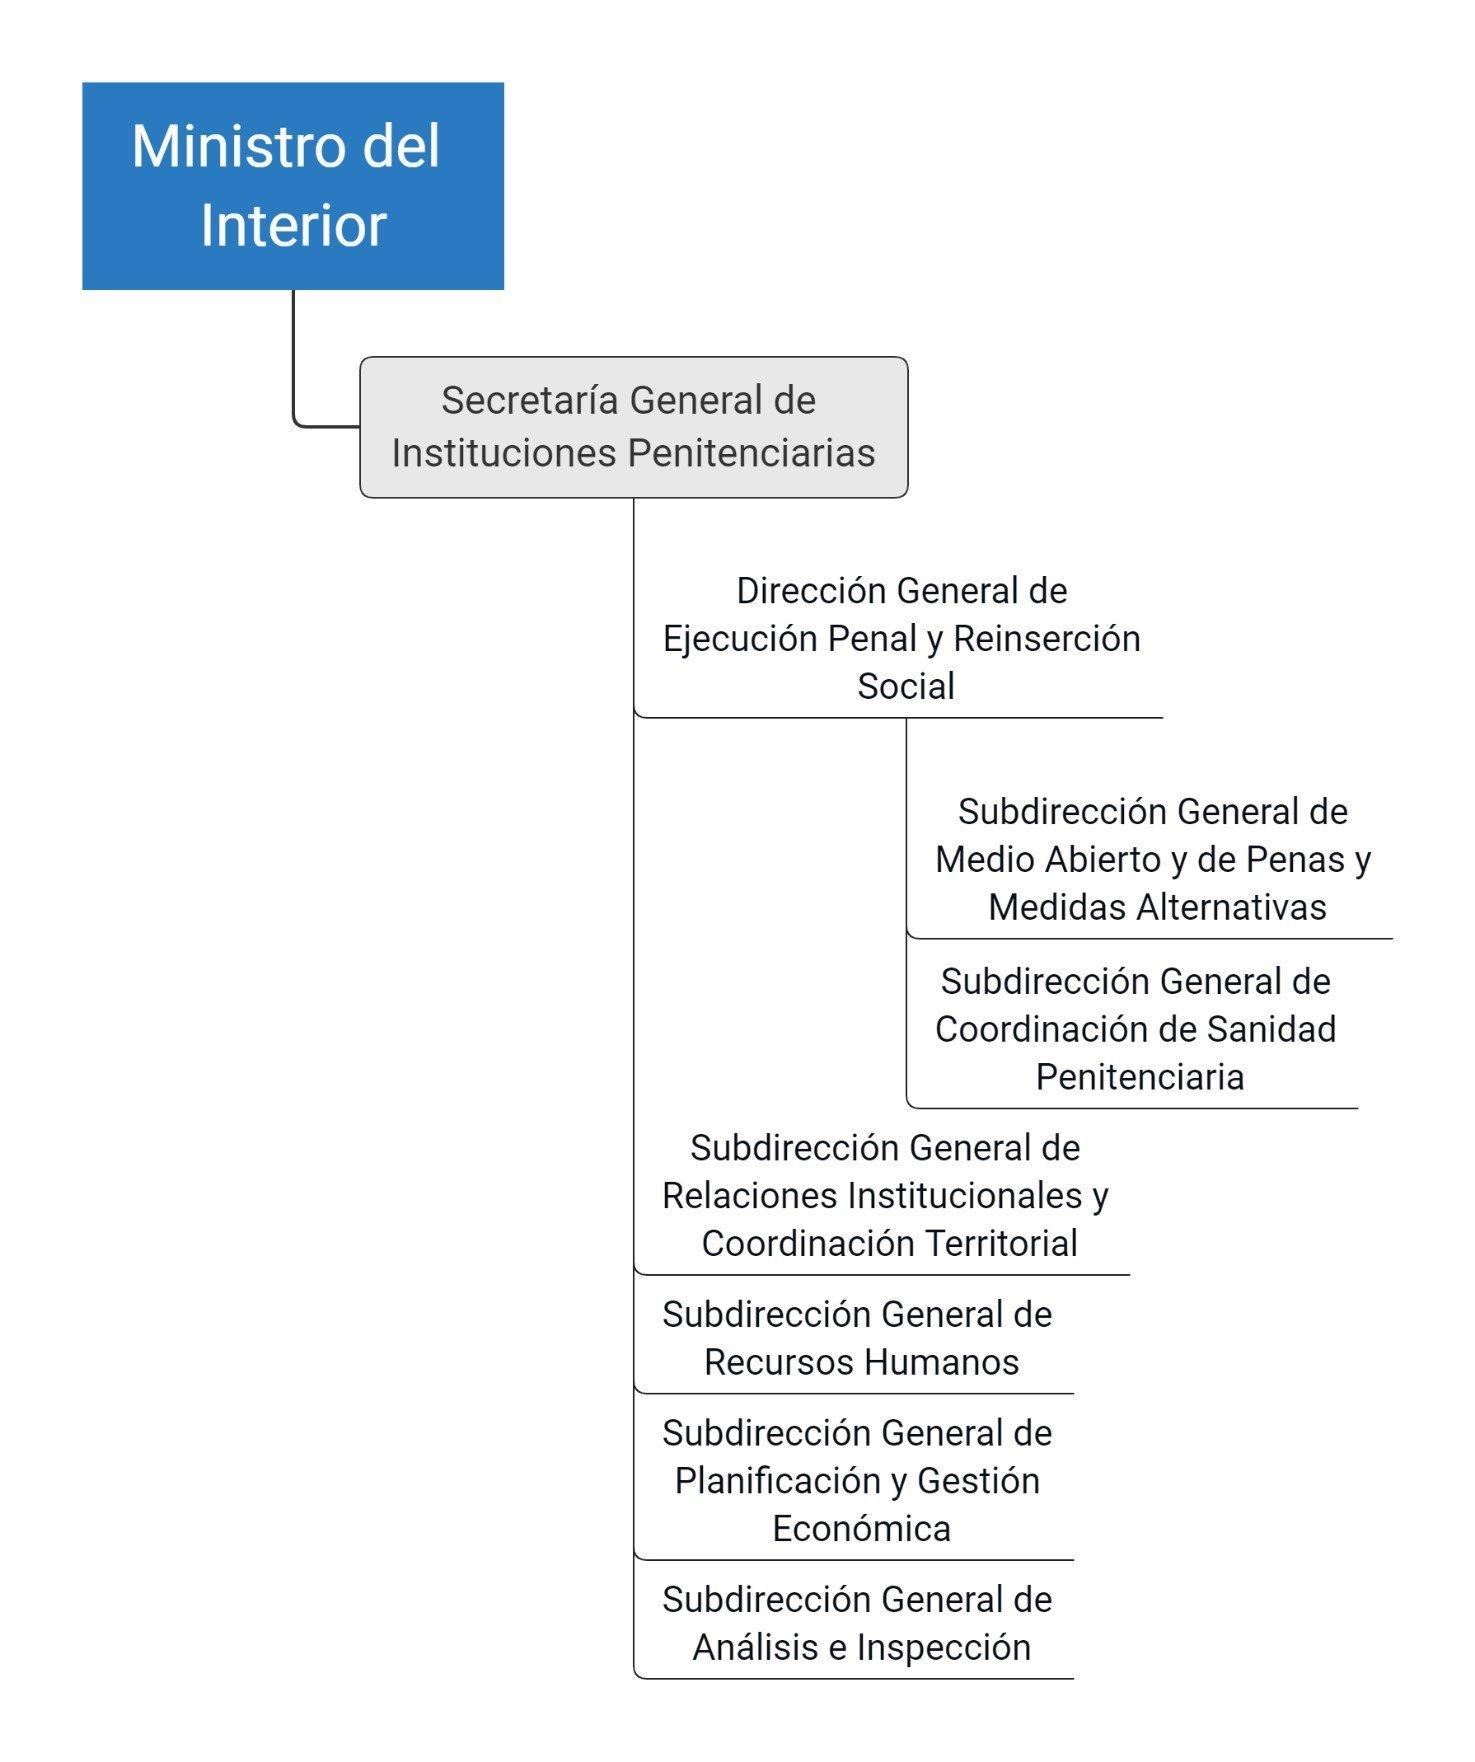 esquema de la secretaria general de instituciones penitenciarias